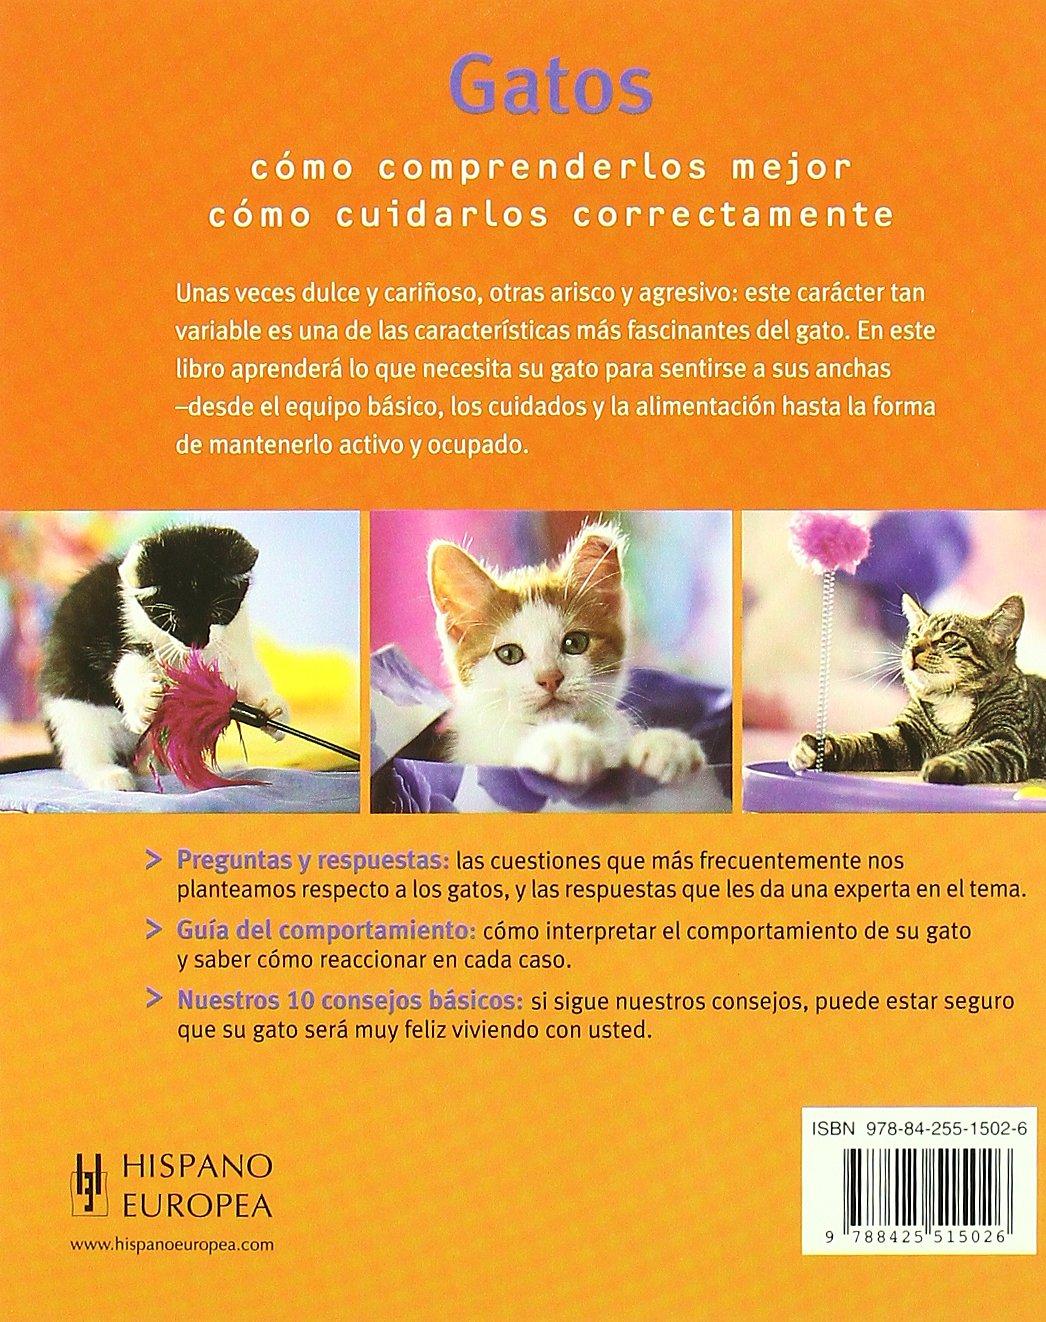 Gatos sanos y felices / Healthy and happy cats (Spanish Edition): Katrin Behrend: 9788425515026: Amazon.com: Books